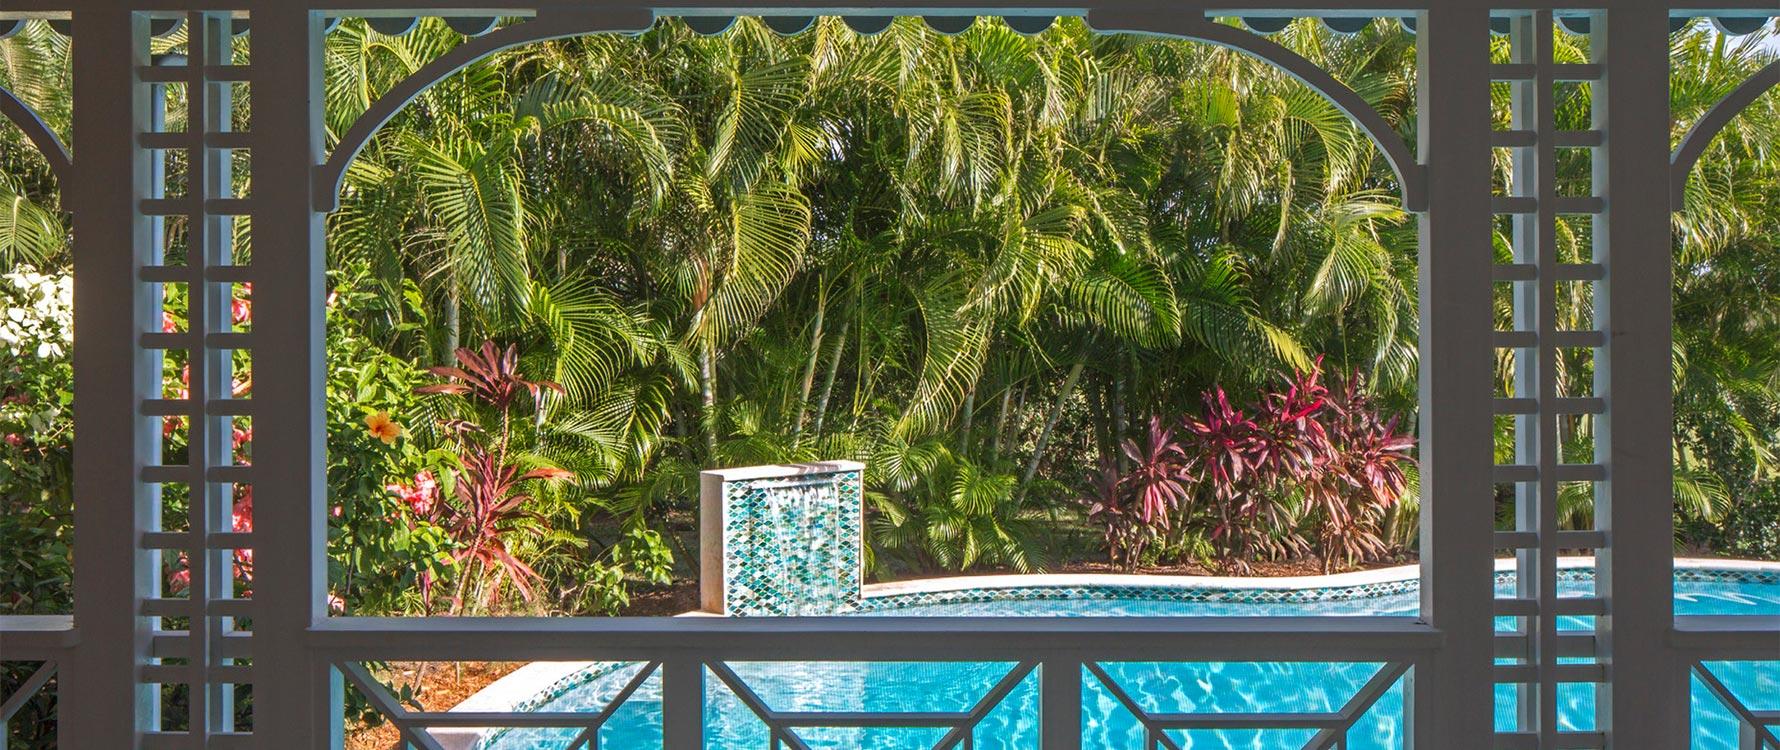 View of pool from screened veranda